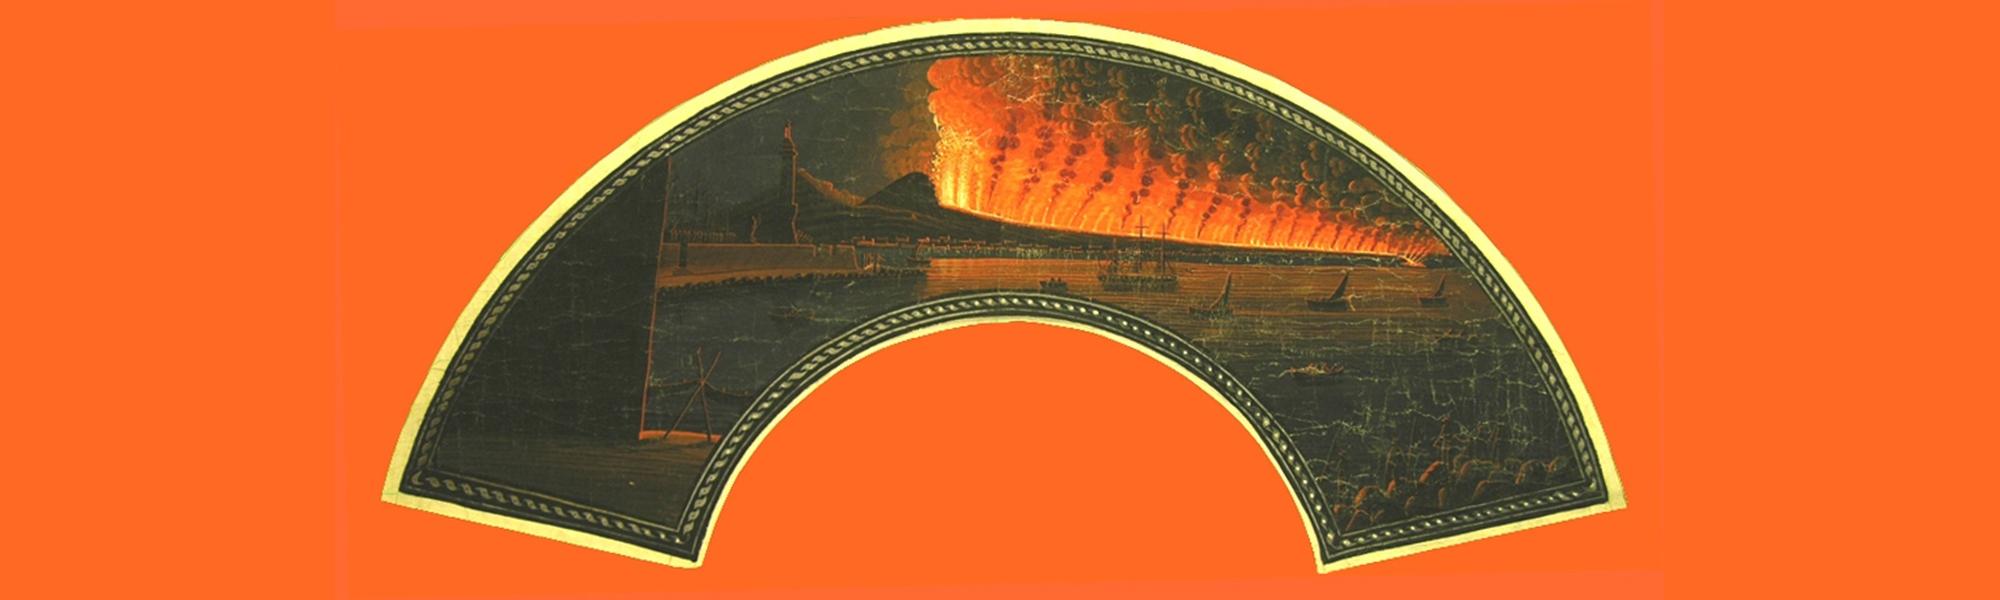 Napoli-eruzione 1792-Faro la lanterna